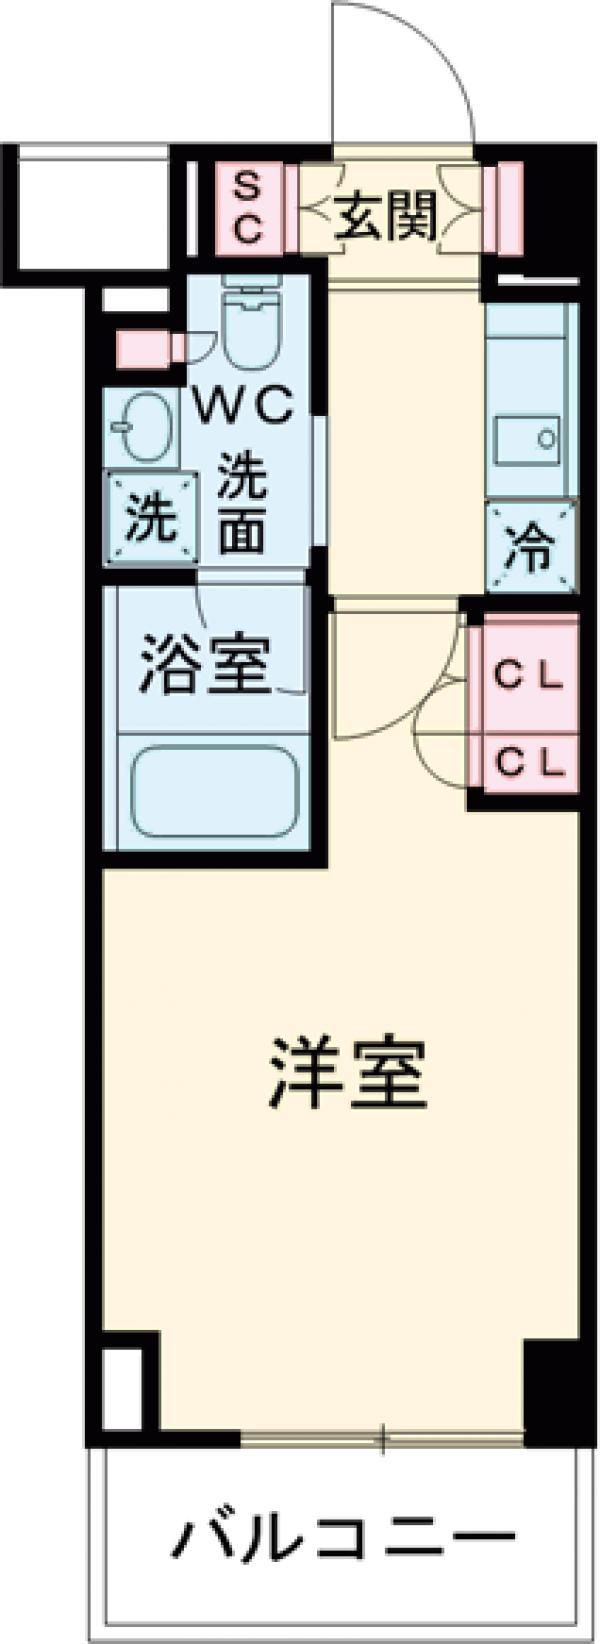 プラウドフラット西早稲田・1003号室の間取り